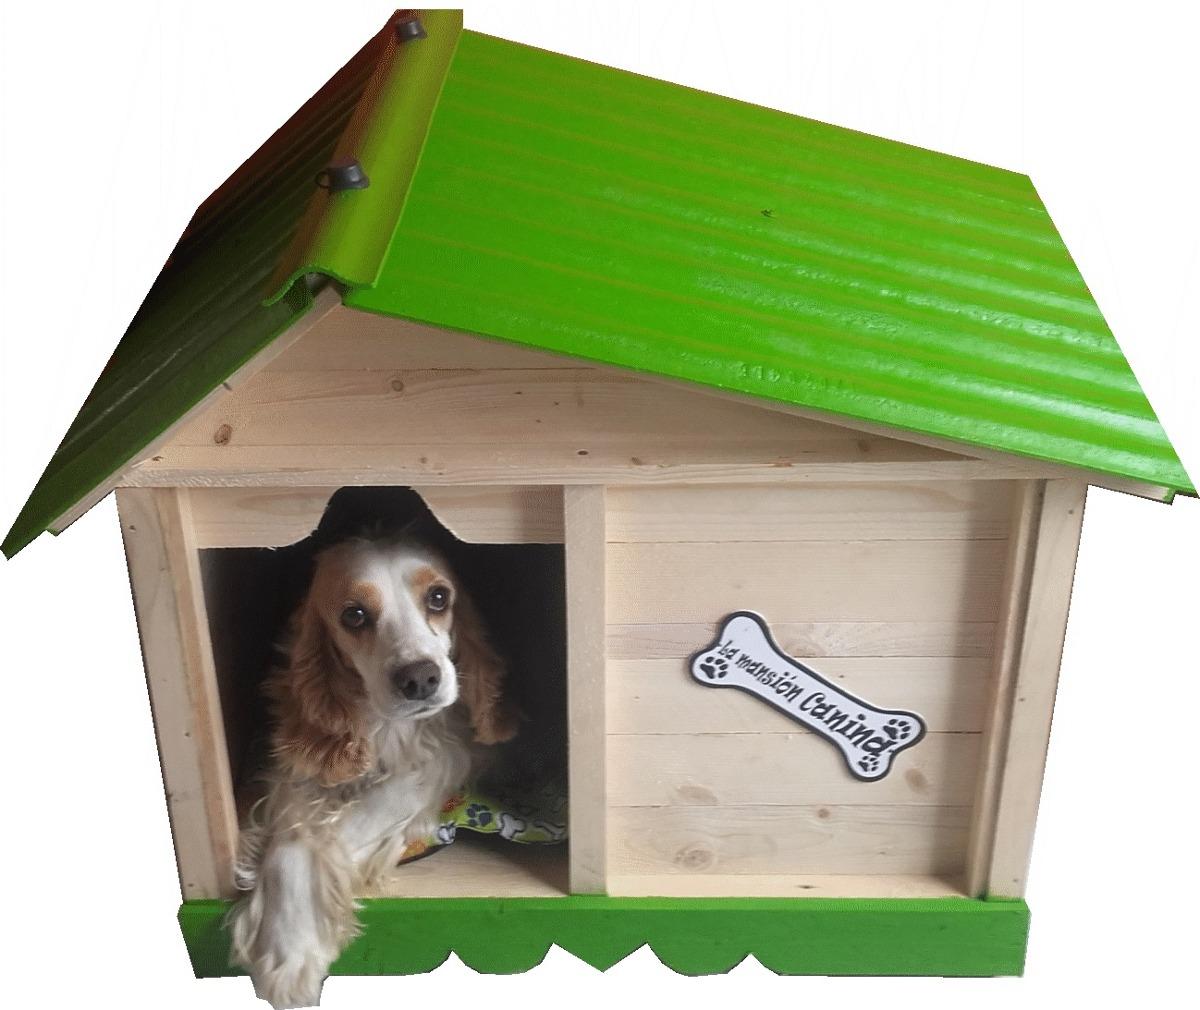 La Casa De La Mascota Casitas En Madera Perros Pequeños - U$S 40,00 ...